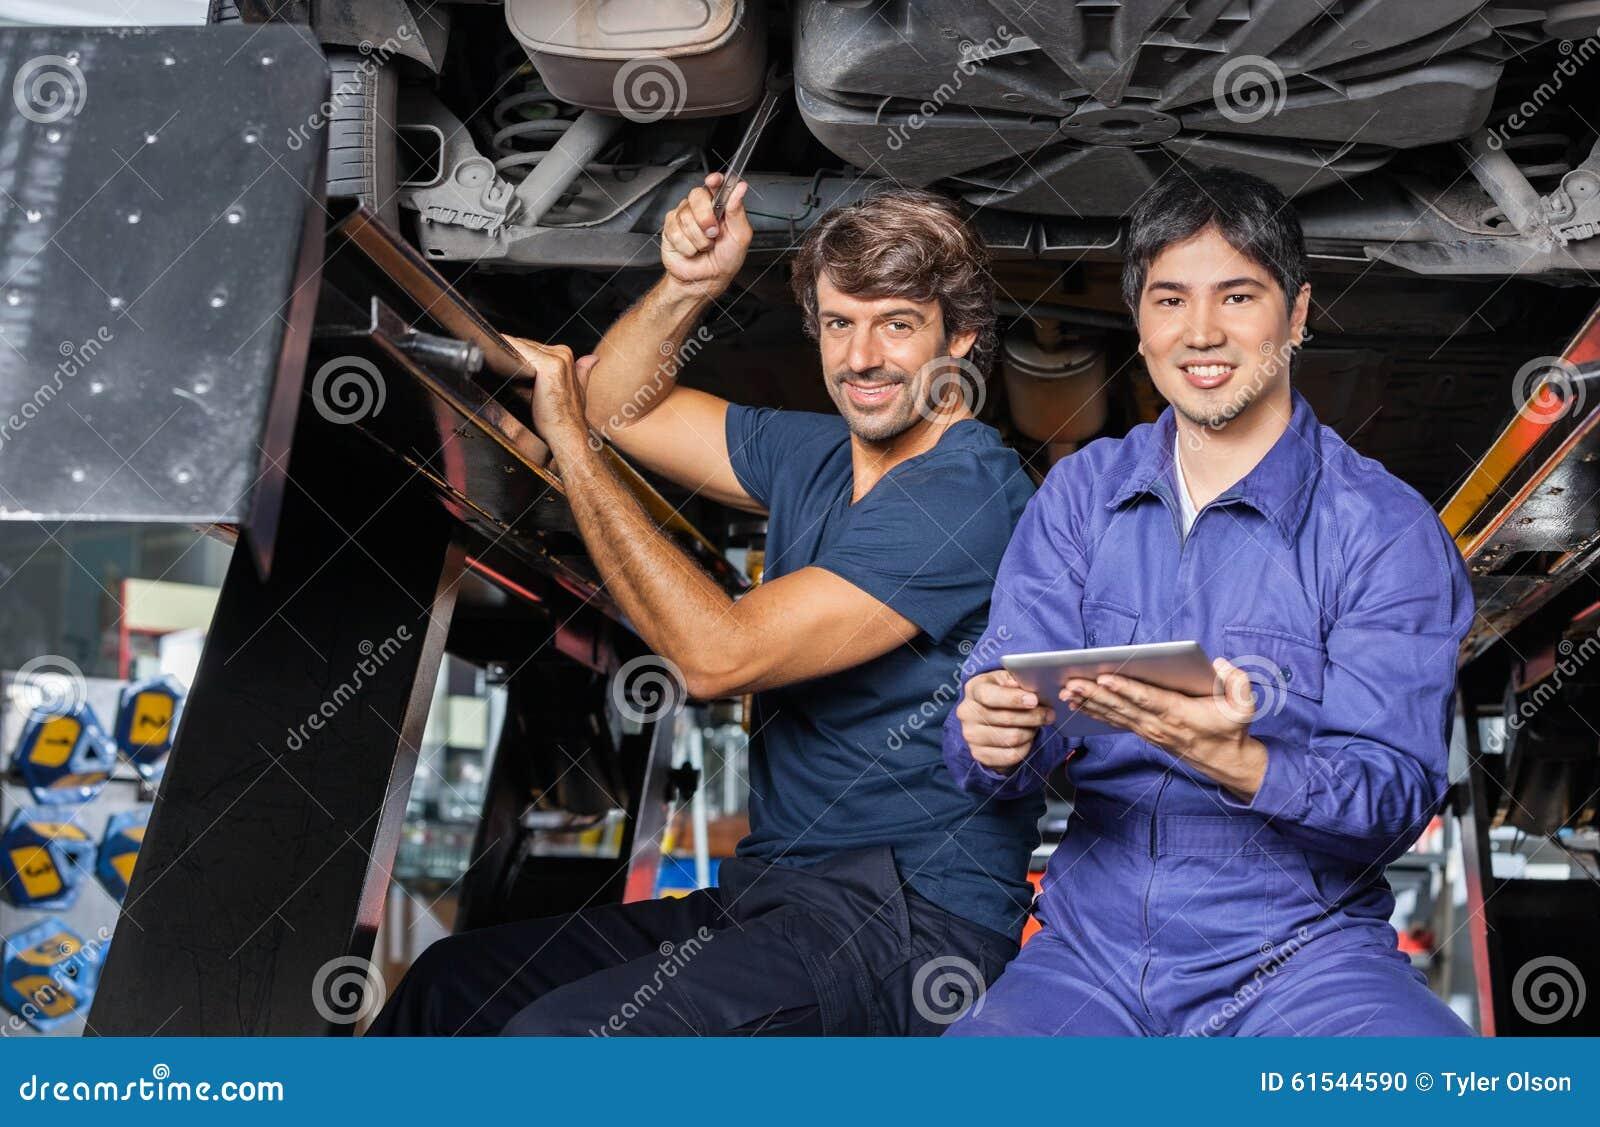 Μηχανικοί με την ψηφιακή ταμπλέτα που λειτουργεί κάτω από ανυψωμένος